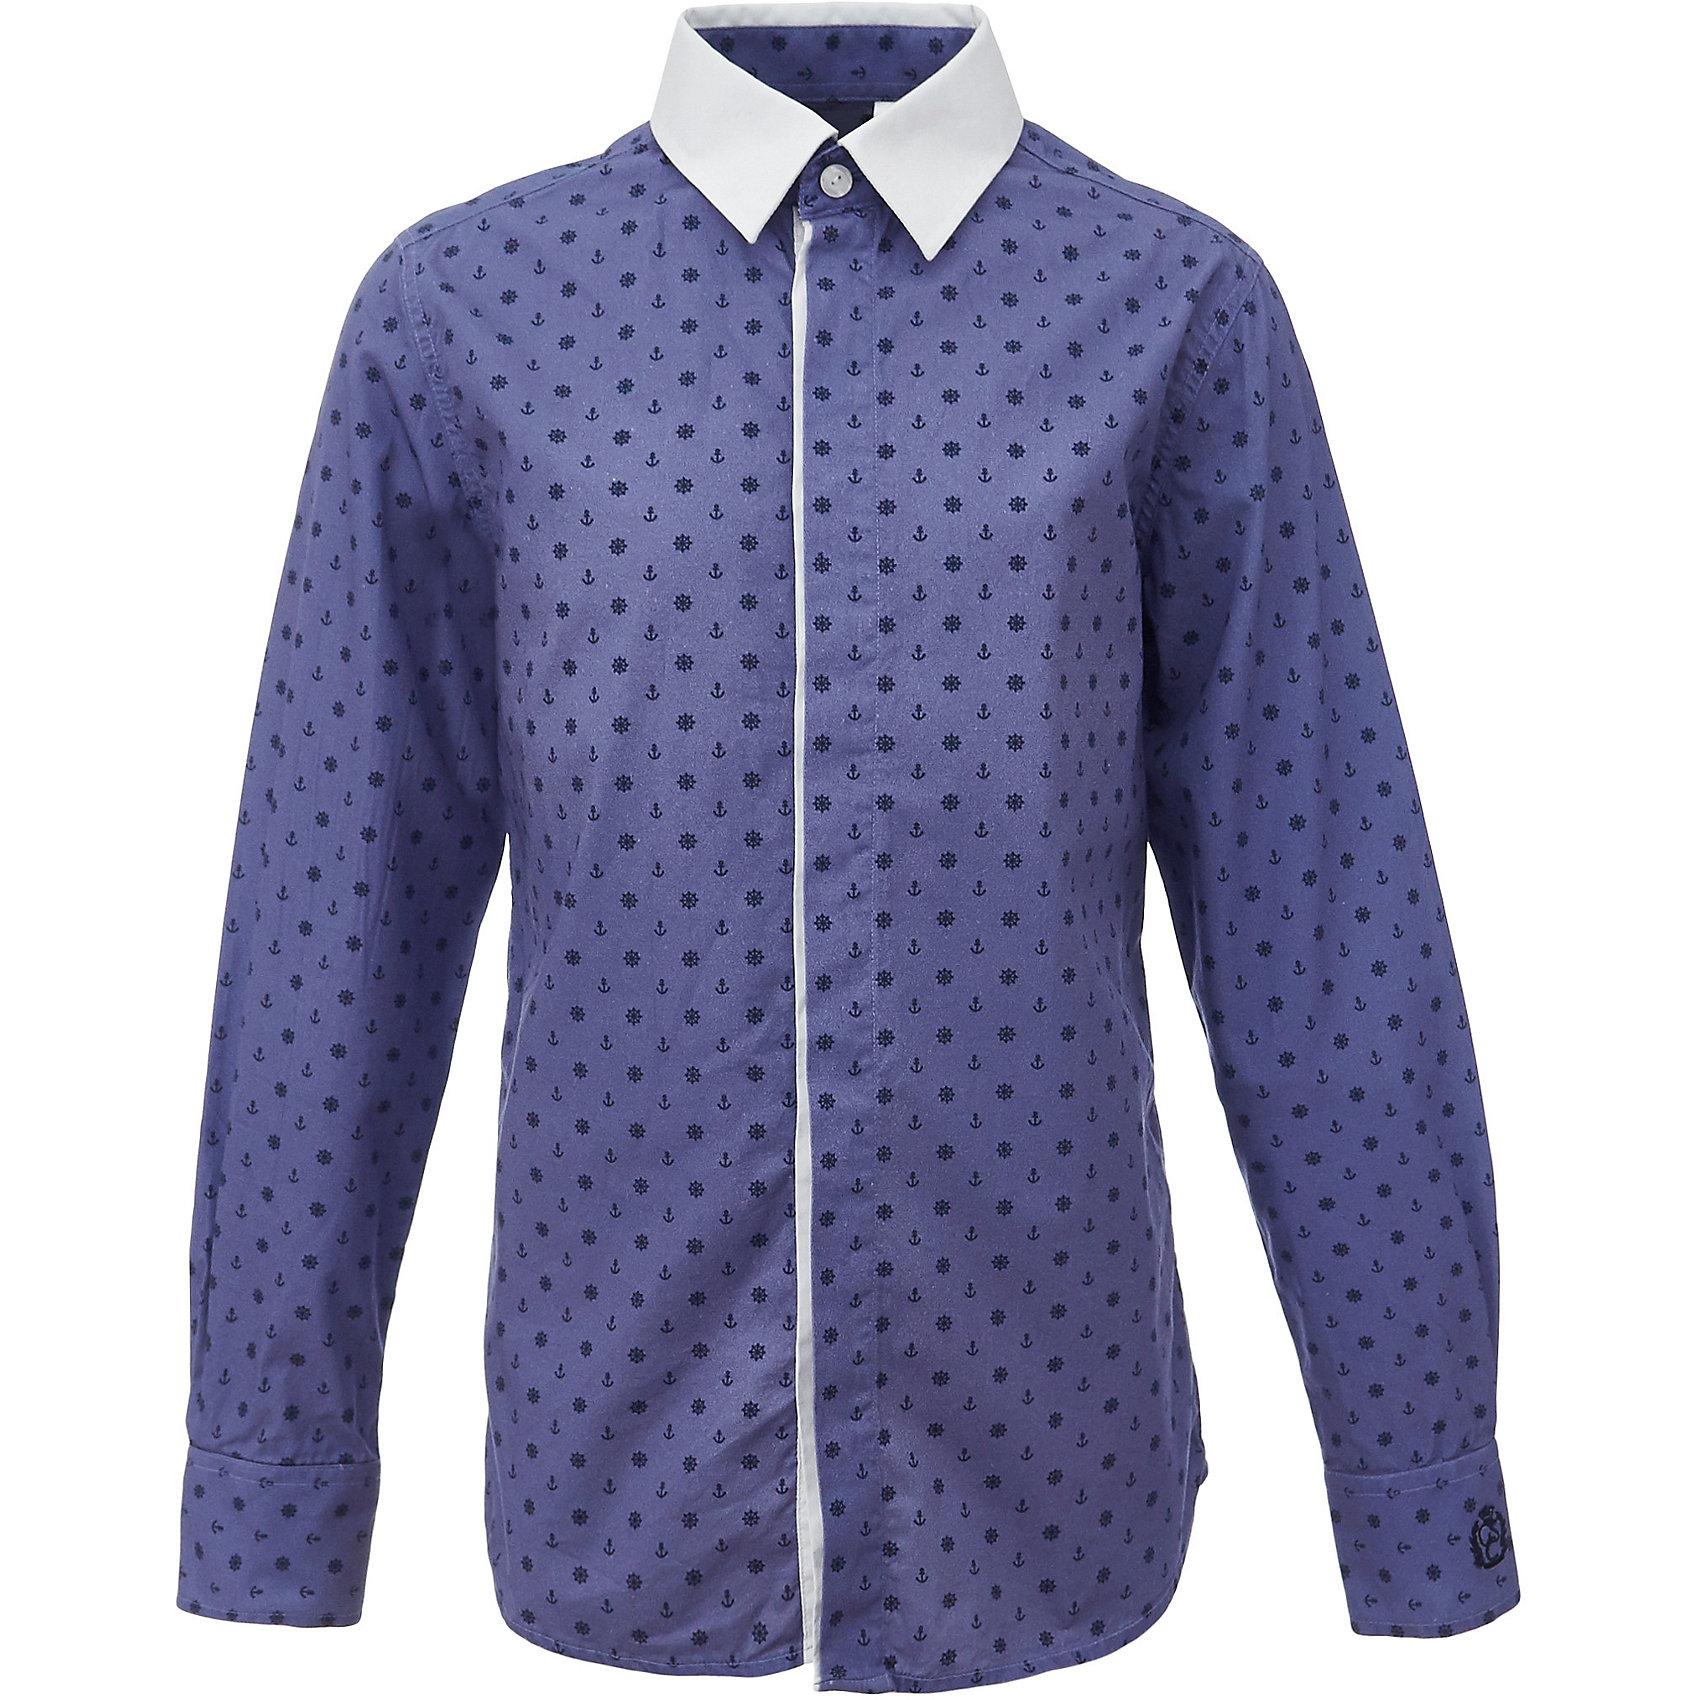 Рубашка для мальчика GulliverБлузки и рубашки<br>Характеристики товара:<br><br>• цвет: синий<br>• состав: 80% хлопок, 20% полиэстер <br>• сезон: круглый год<br>• с длинным рукавом<br>• воротник-стойка<br>• застежки: пуговицы<br>• манжеты на трех пуговицах<br>• особенности: школьная, повседневная, с рисунком<br>• страна бренда: Российская Федерация<br>• страна производства: Российская Федерация<br><br>Школьная рубашка с длинным рукавом для мальчика. Синяя рубашка с мелким рисунком застегивается на пуговицы, манжеты рукавов на трех пуговицах. Воротник контрастного белого цвета.<br><br>Рубашку для мальчика Gulliver (Гулливер) можно купить в нашем интернет-магазине.<br><br>Ширина мм: 174<br>Глубина мм: 10<br>Высота мм: 169<br>Вес г: 157<br>Цвет: синий<br>Возраст от месяцев: 168<br>Возраст до месяцев: 180<br>Пол: Мужской<br>Возраст: Детский<br>Размер: 170,122,128,134,140,146,152,158,164<br>SKU: 6678336